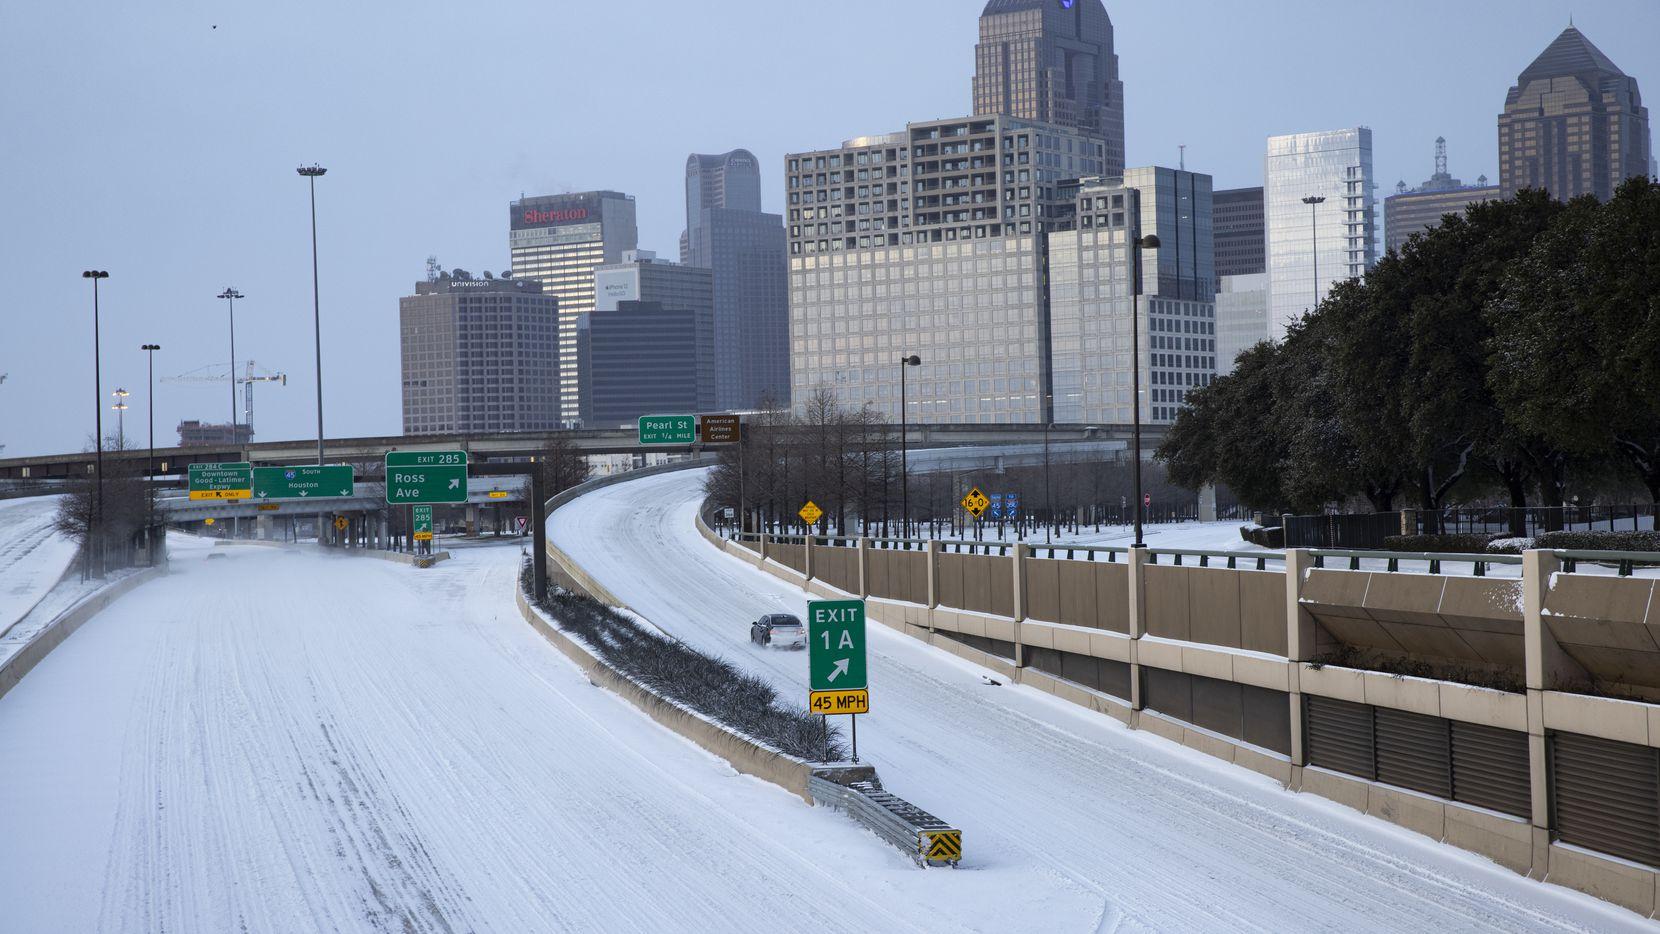 Nieve cubre la autopista US 75 camino al centro de Dallas el lunes 15 de febrero de 2021.